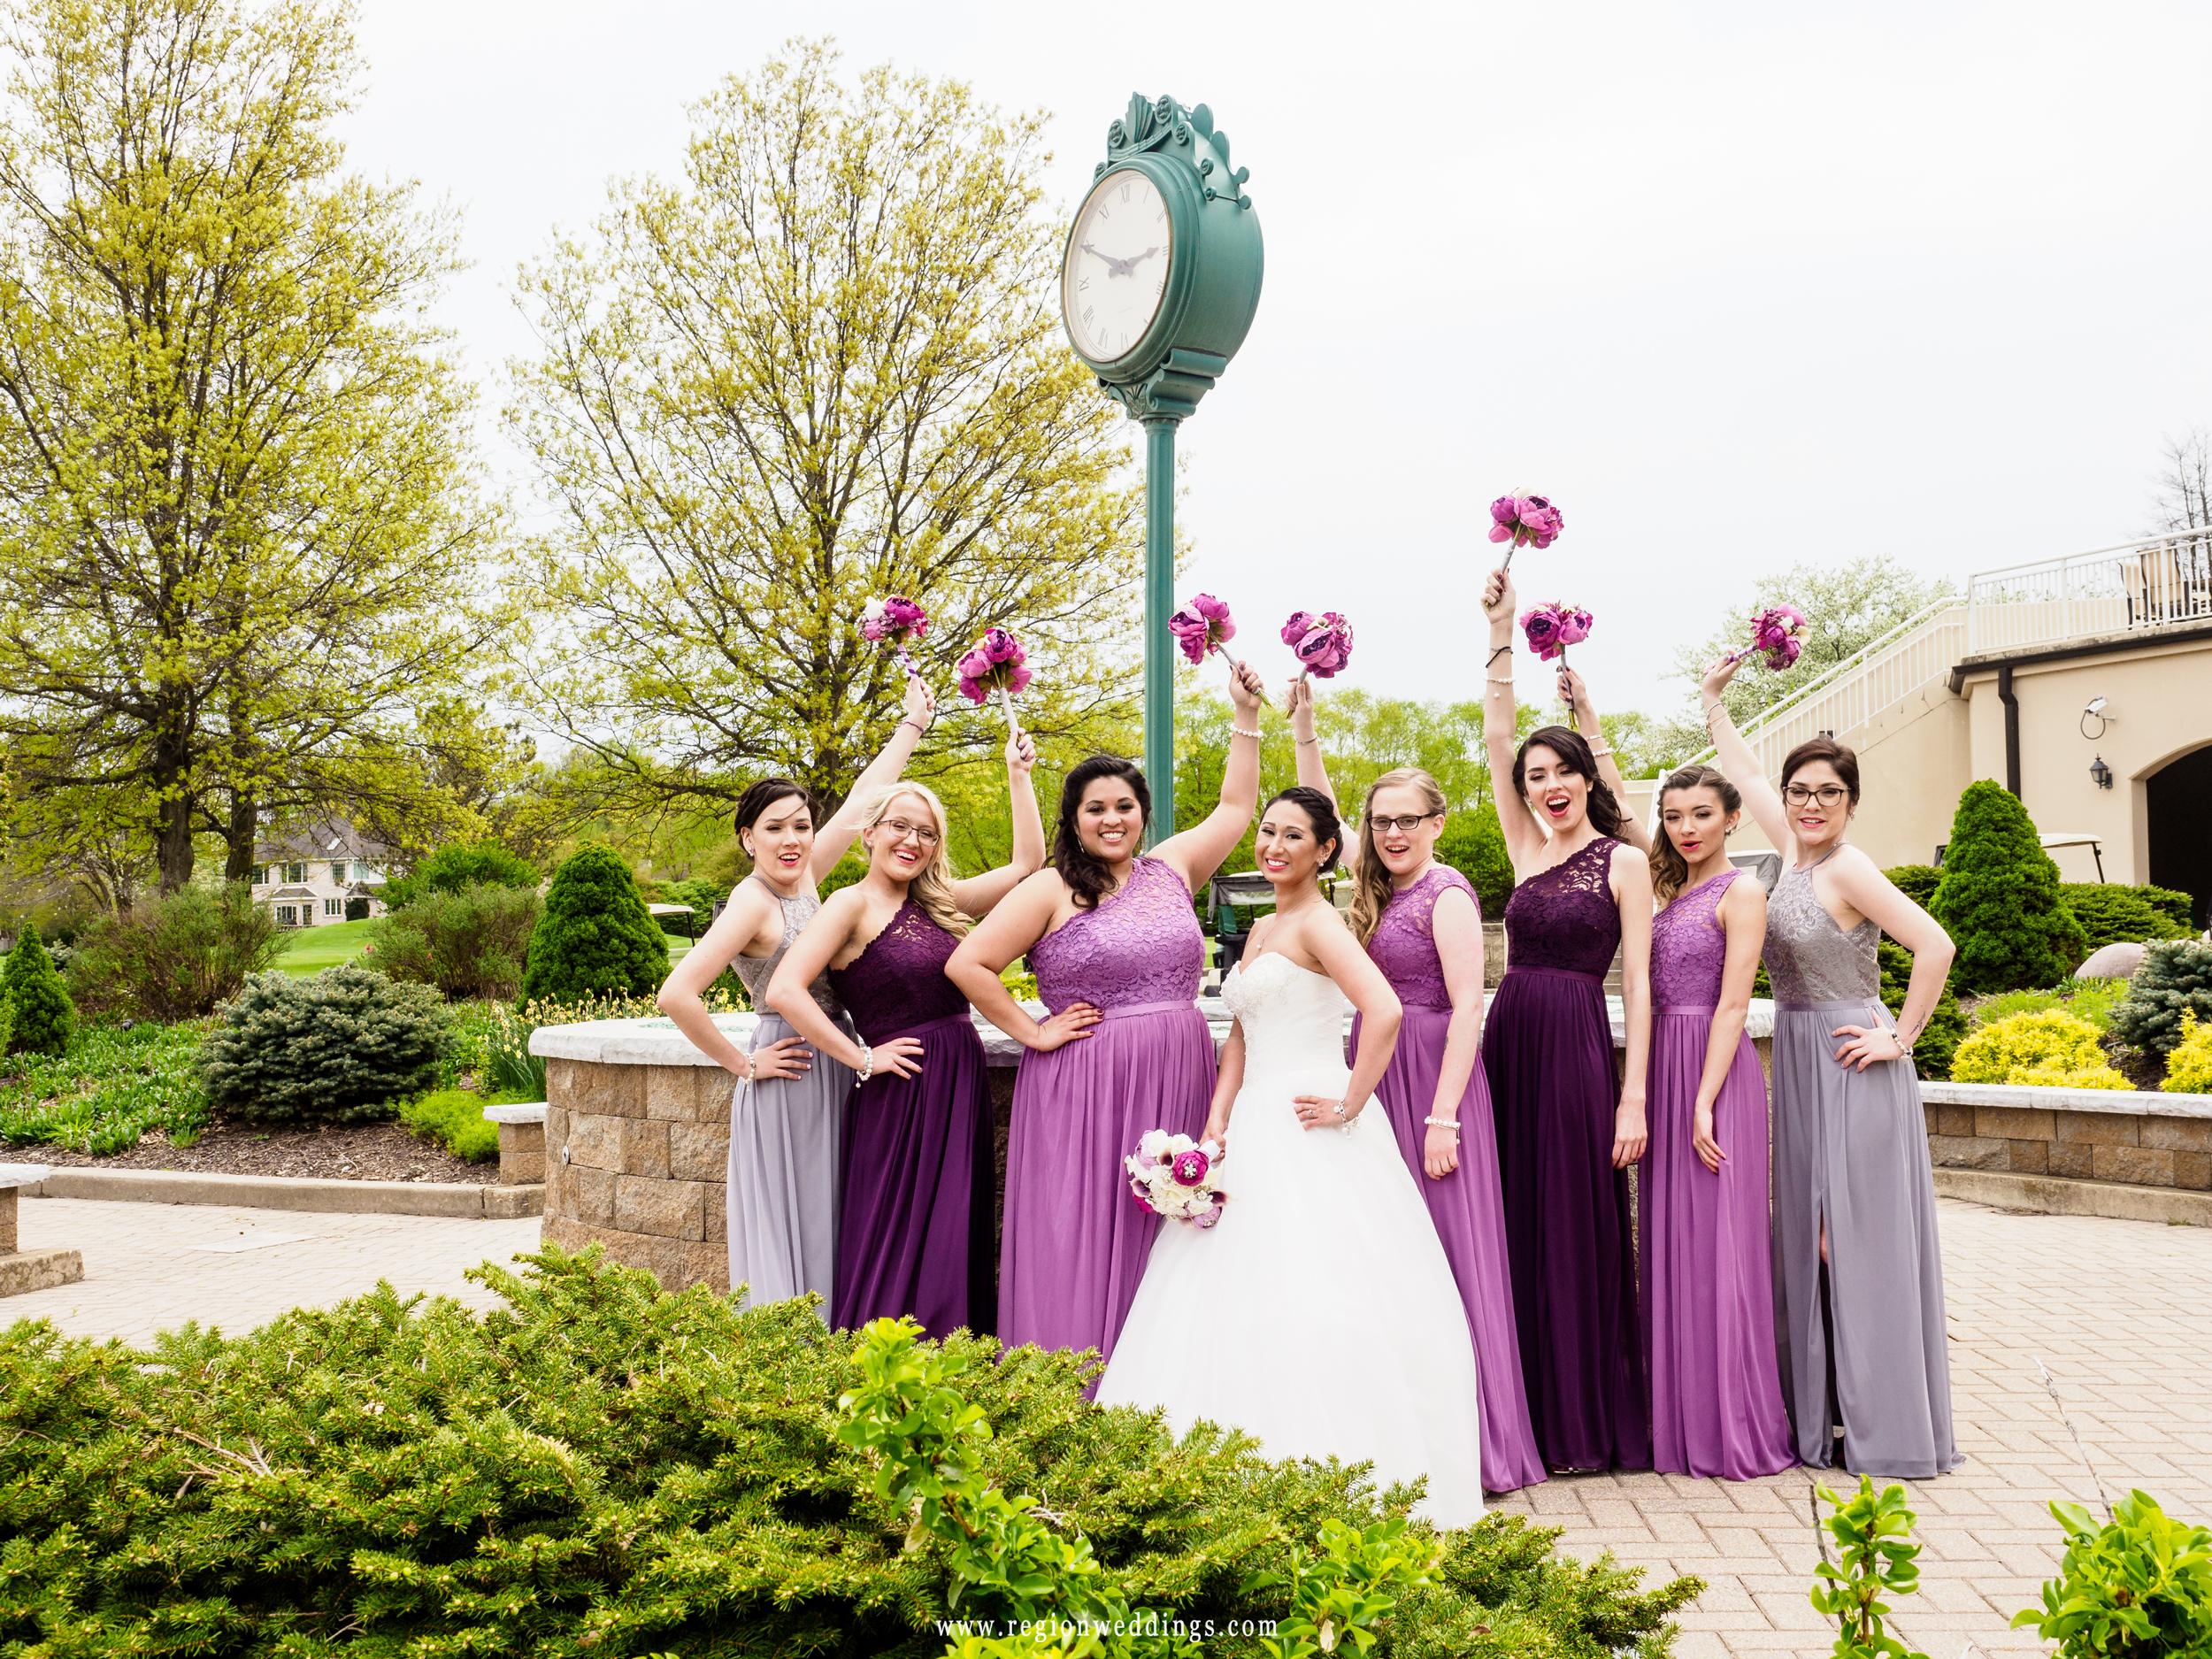 Bridesmaids cheer at the clock tower at Sand Creek.